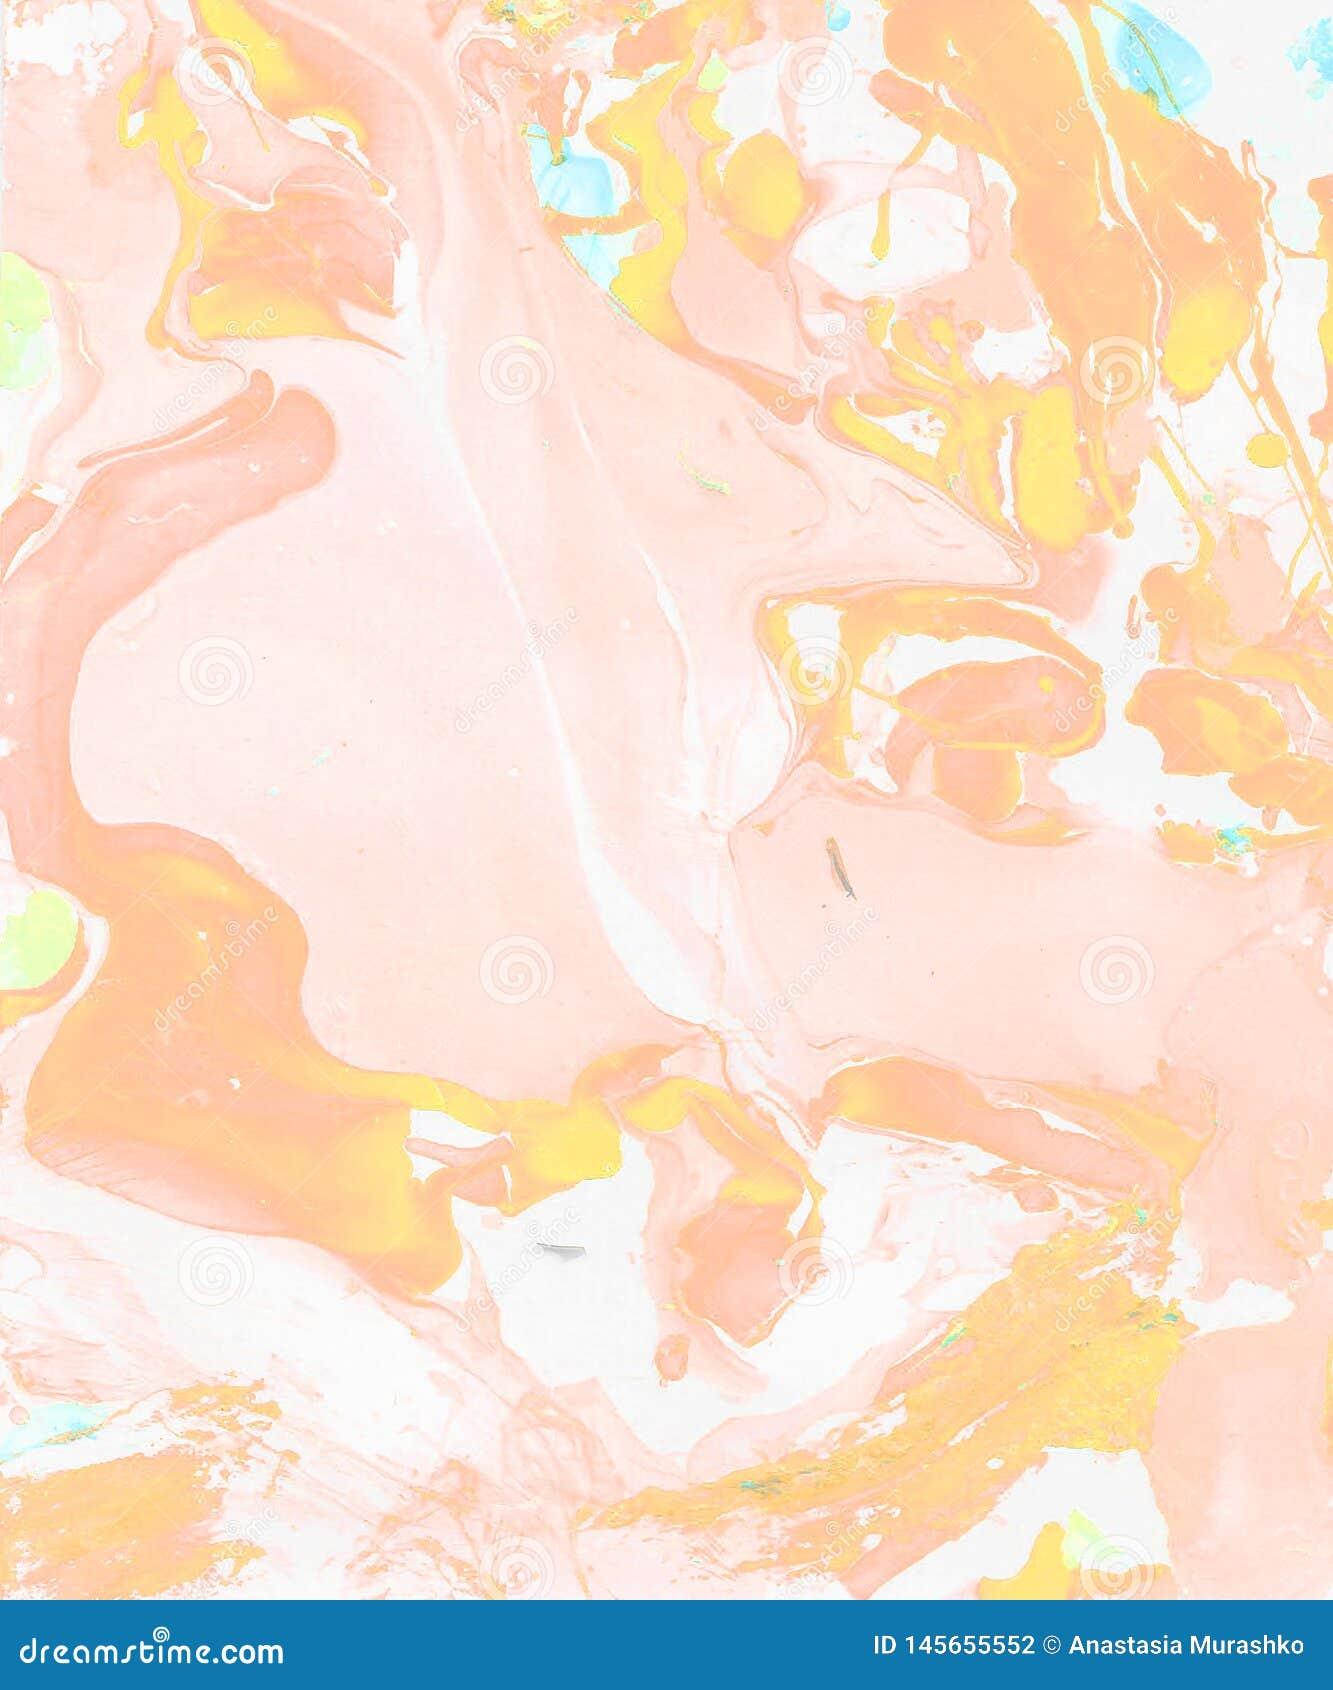 Met de hand geschilderde lichtrose abstracte achtergrond